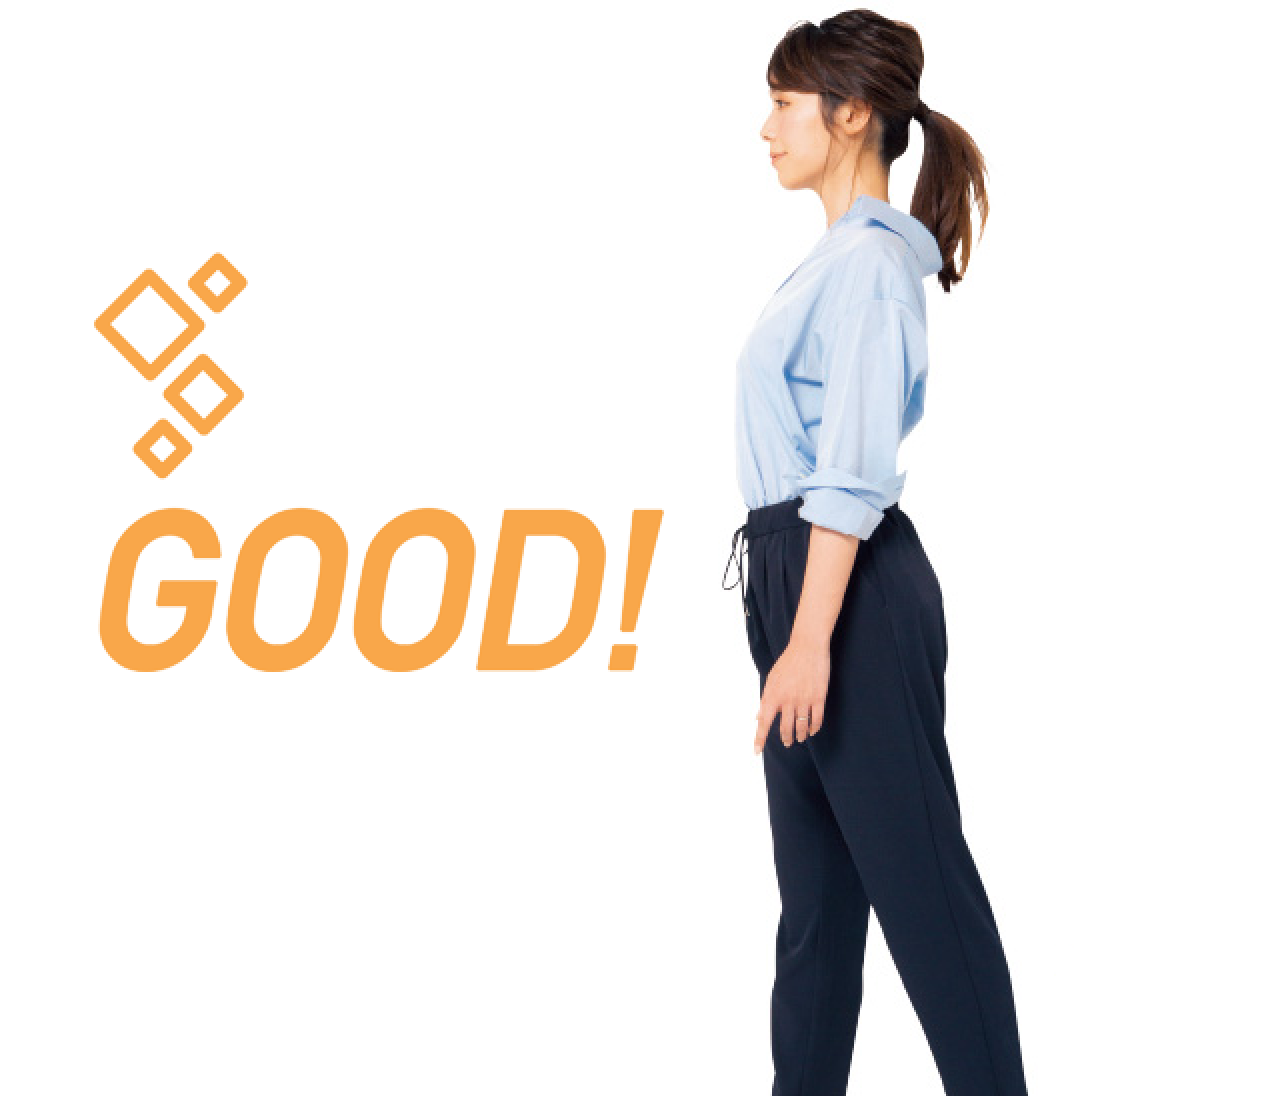 歩き方でスタイルが劇的に変化する!【姿勢で-2kgヤセ見え⑦】